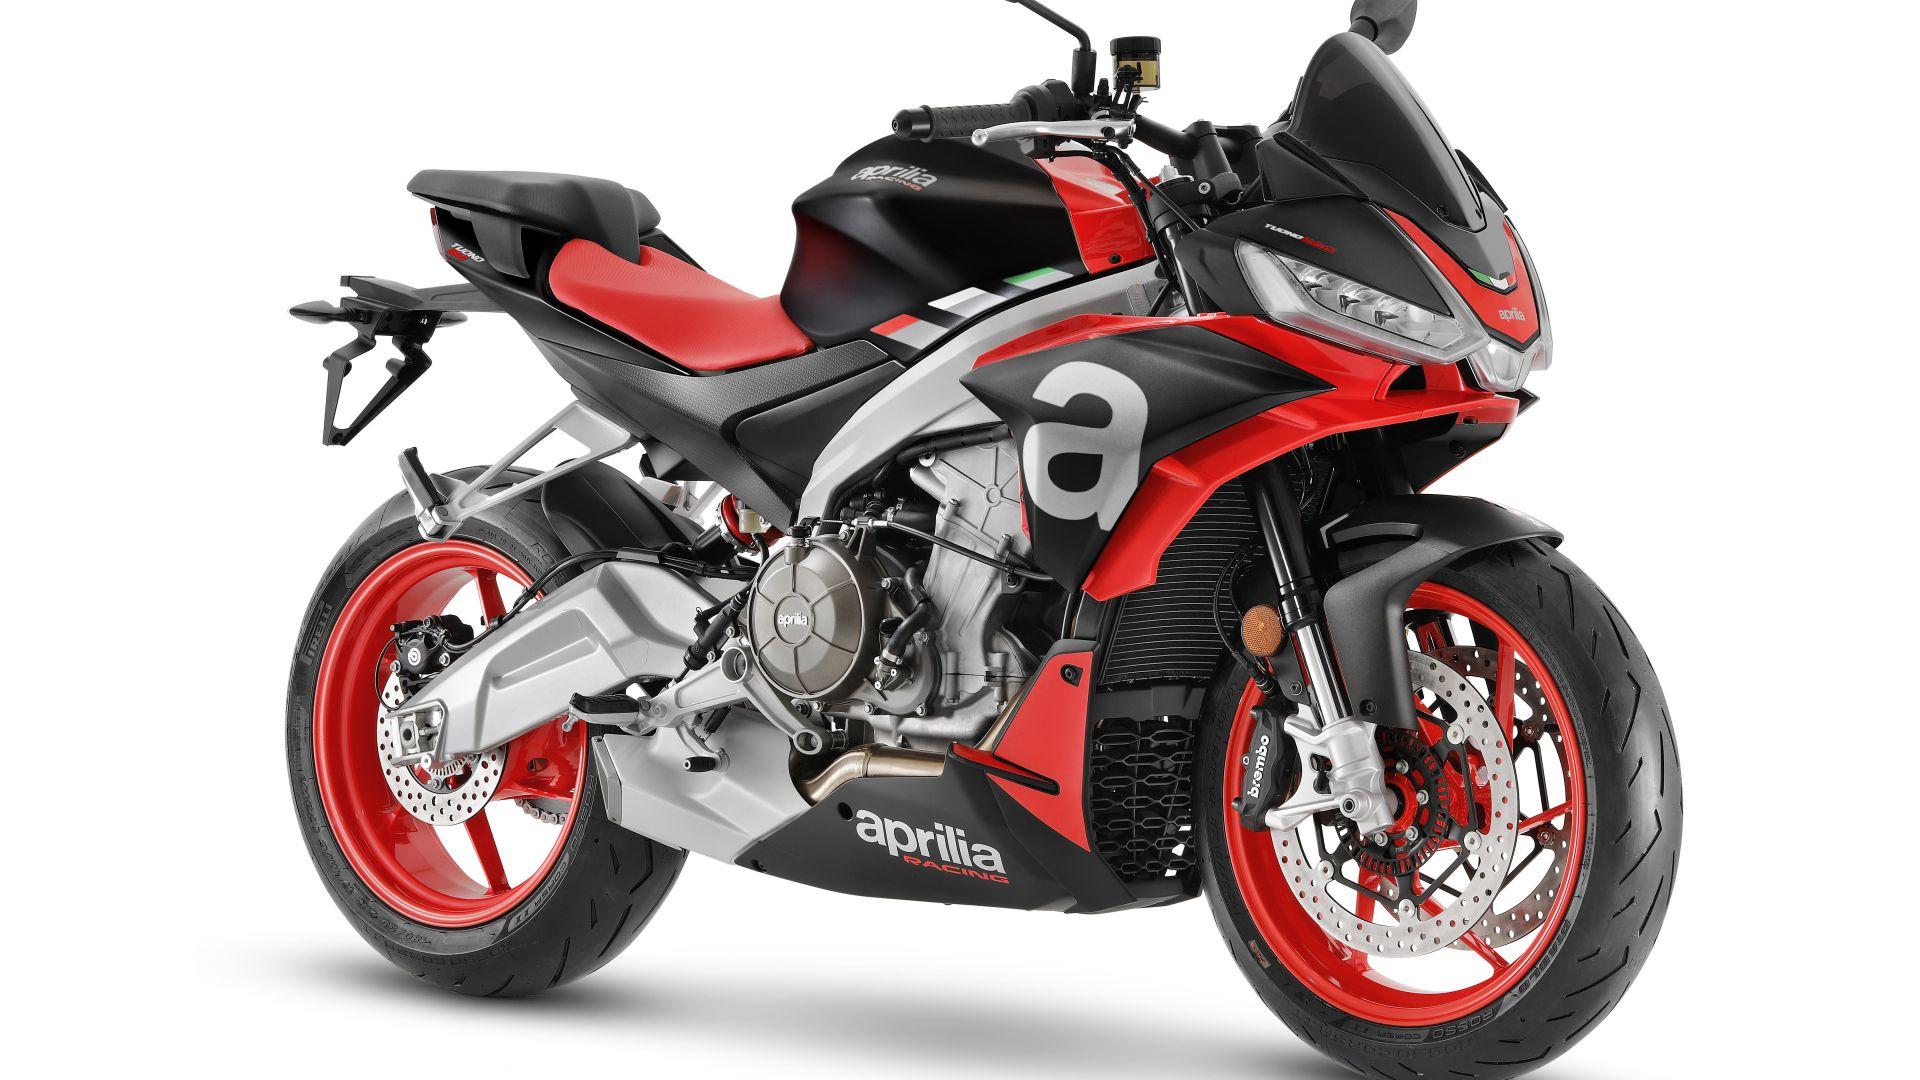 2021 Aprilia Tuono 660 Guide • Total Motorcycle